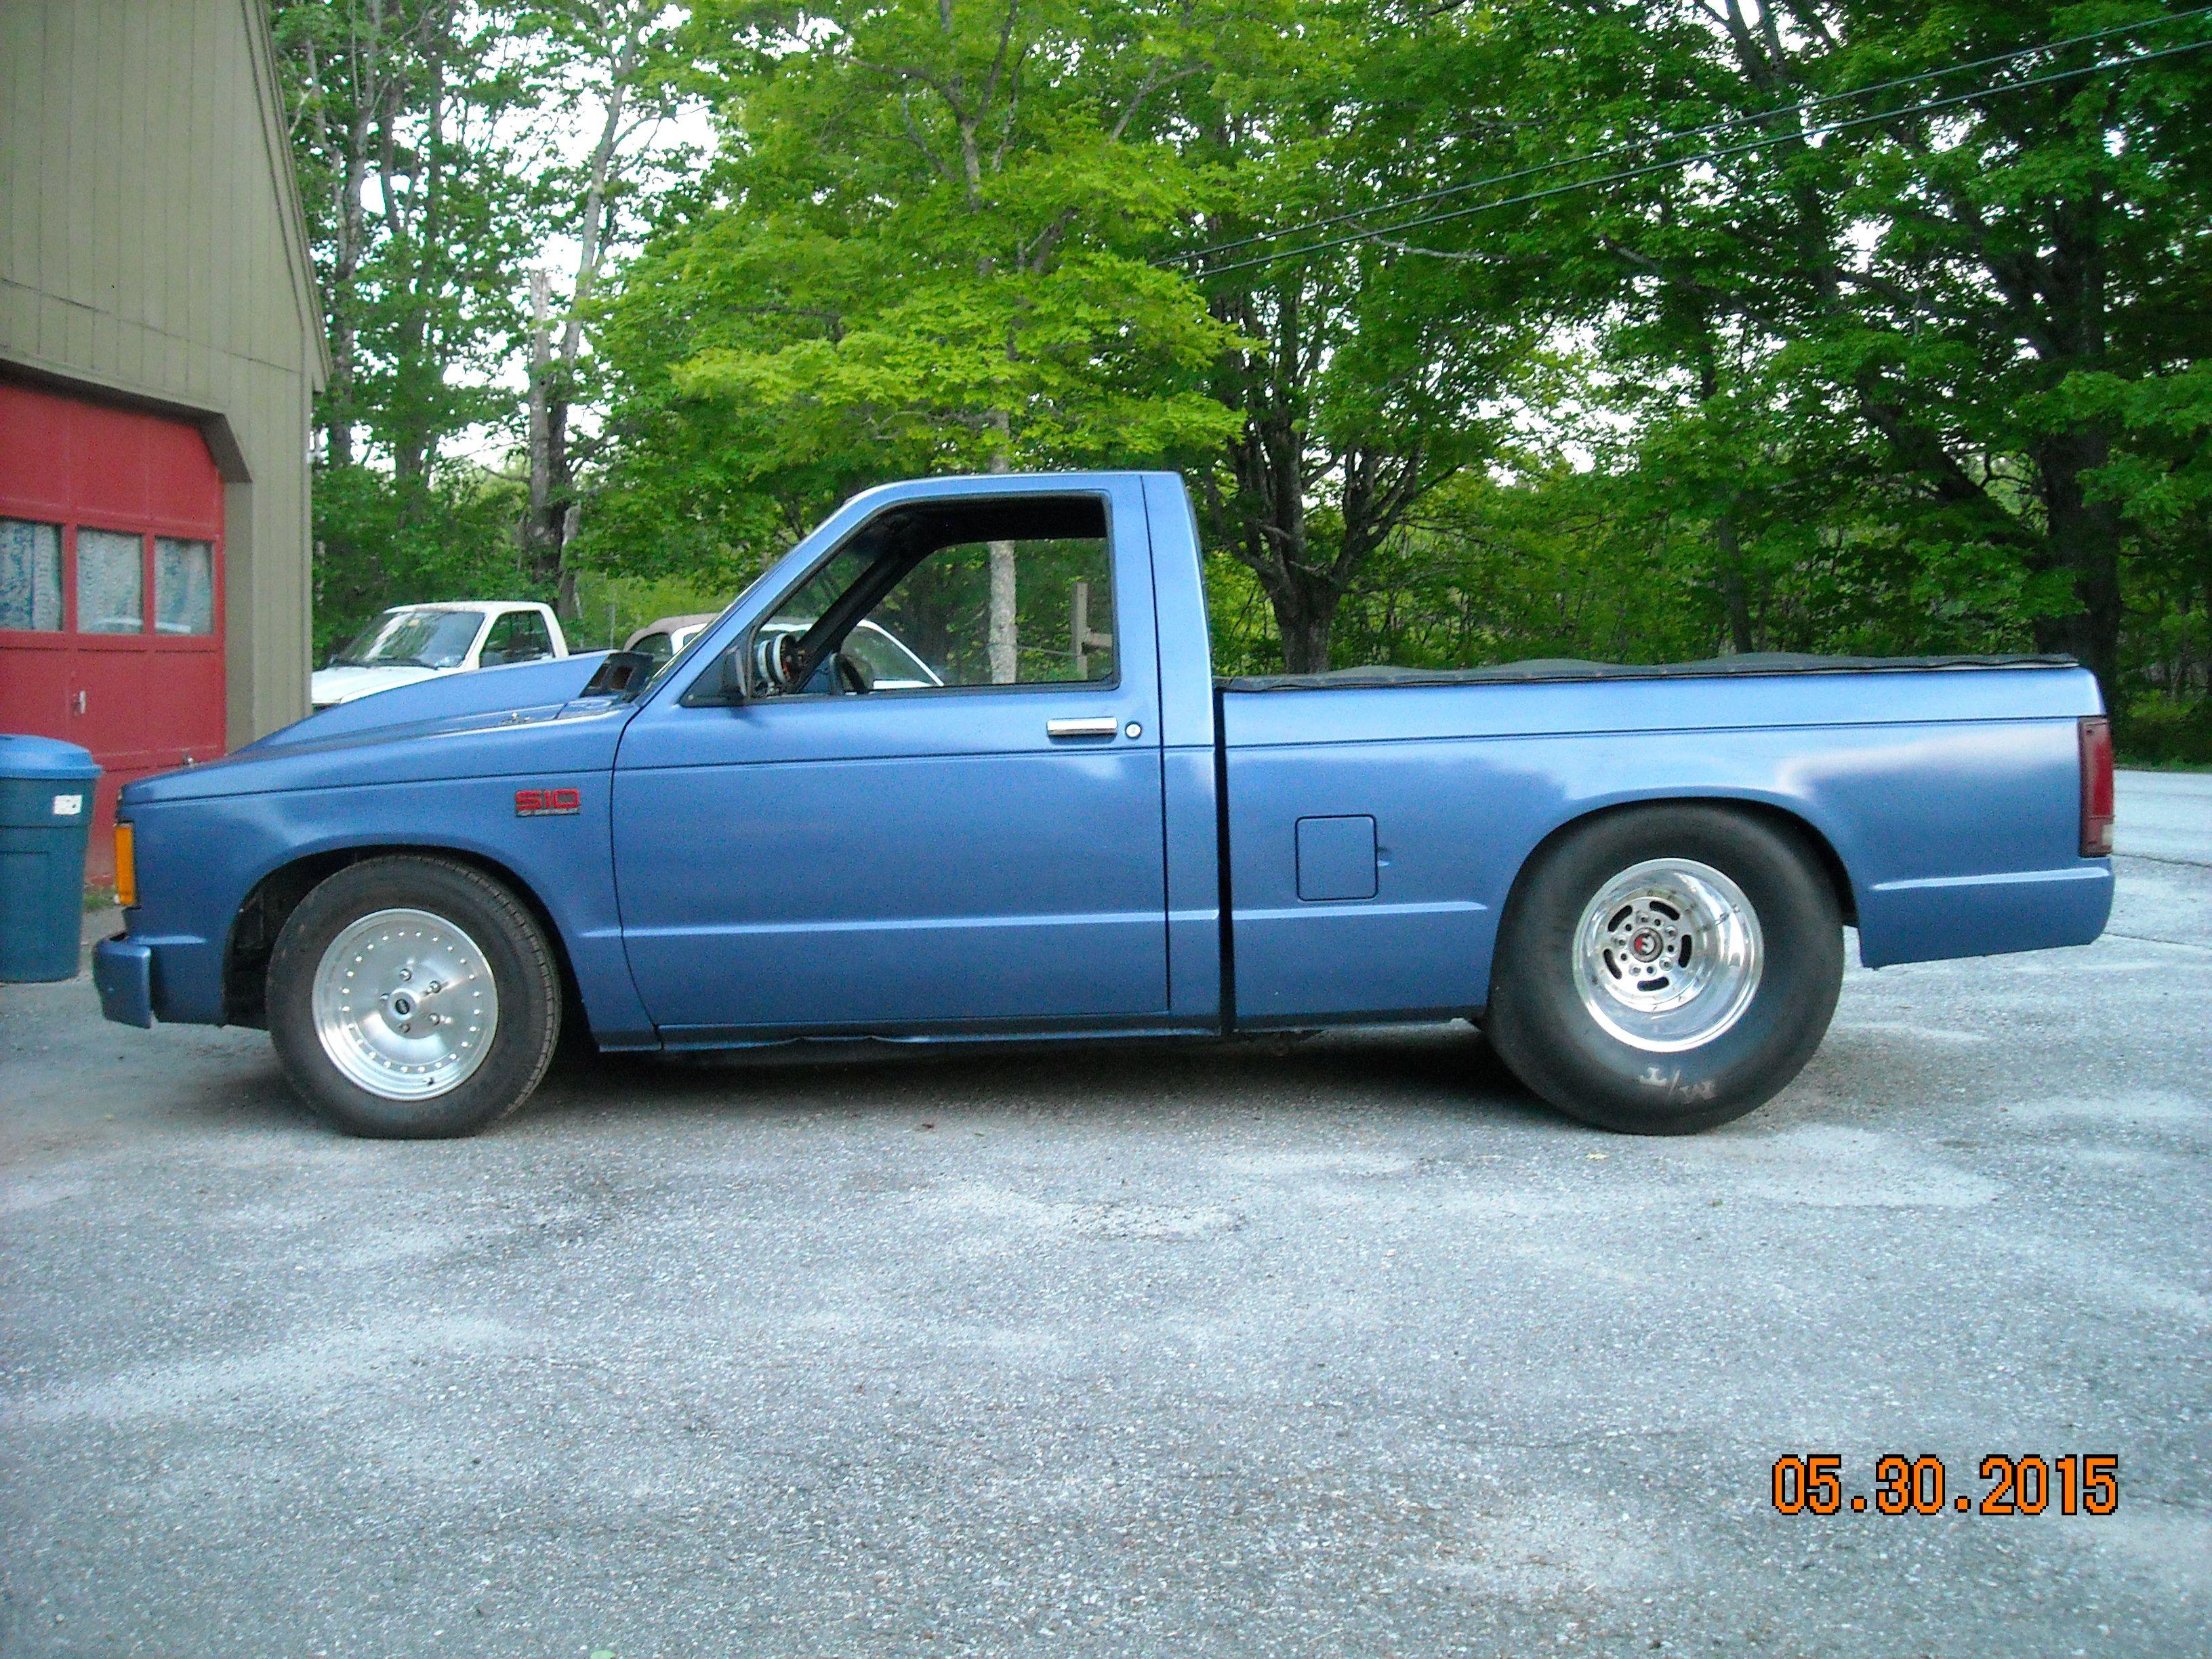 87 blue Chevrolet S10 Pro Street LT-1 350 TH 9 inch rear 5 13 gears